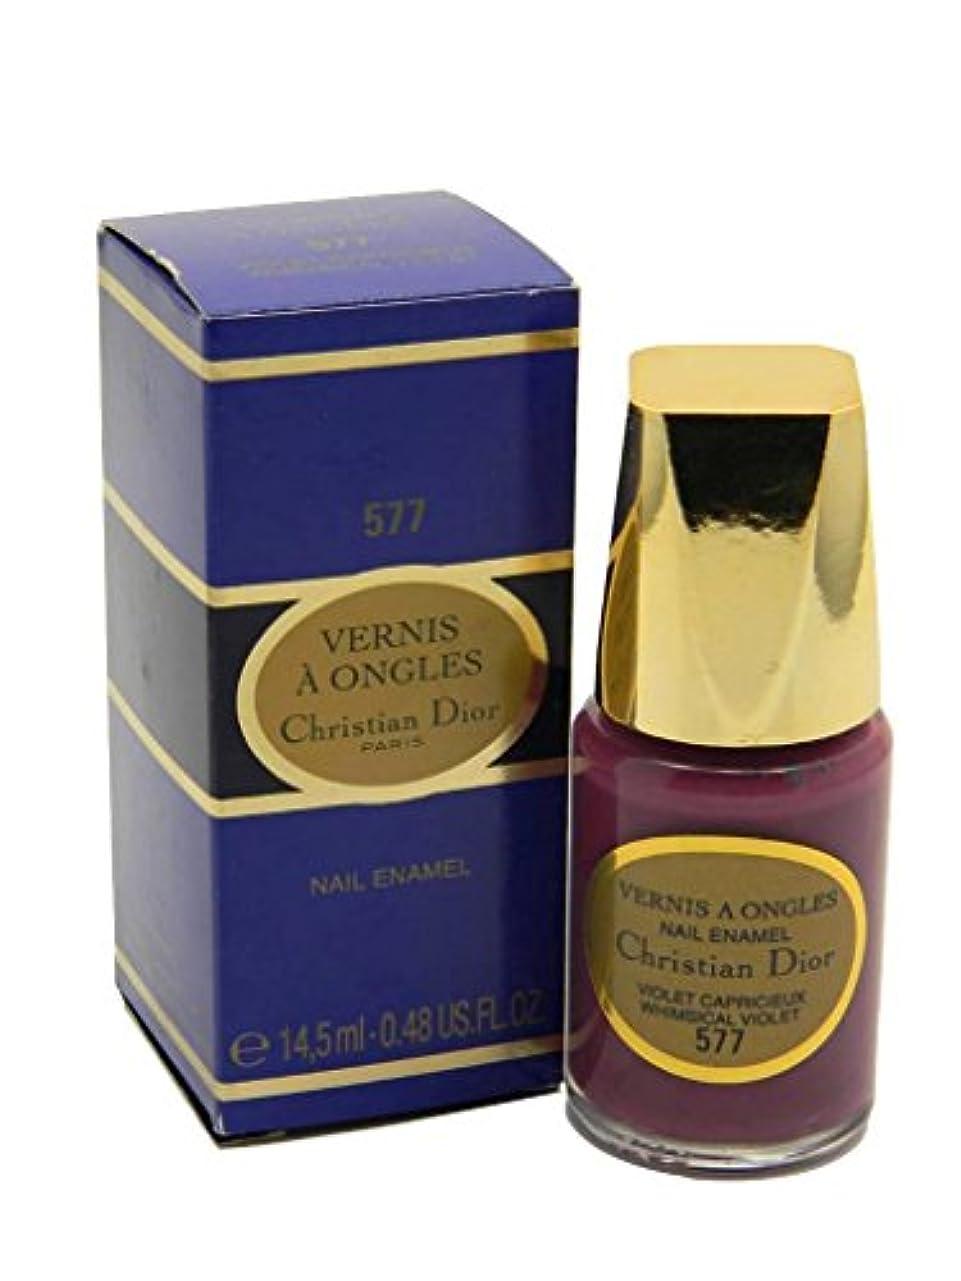 シェトランド諸島素朴なバラバラにするDior Vernis A Ongles Nail Enamel Polish 577 Whimsical Violet(ディオール ヴェルニ ア オングル ネイルエナメル ポリッシュ 577 ウィムジカル バイオレット...